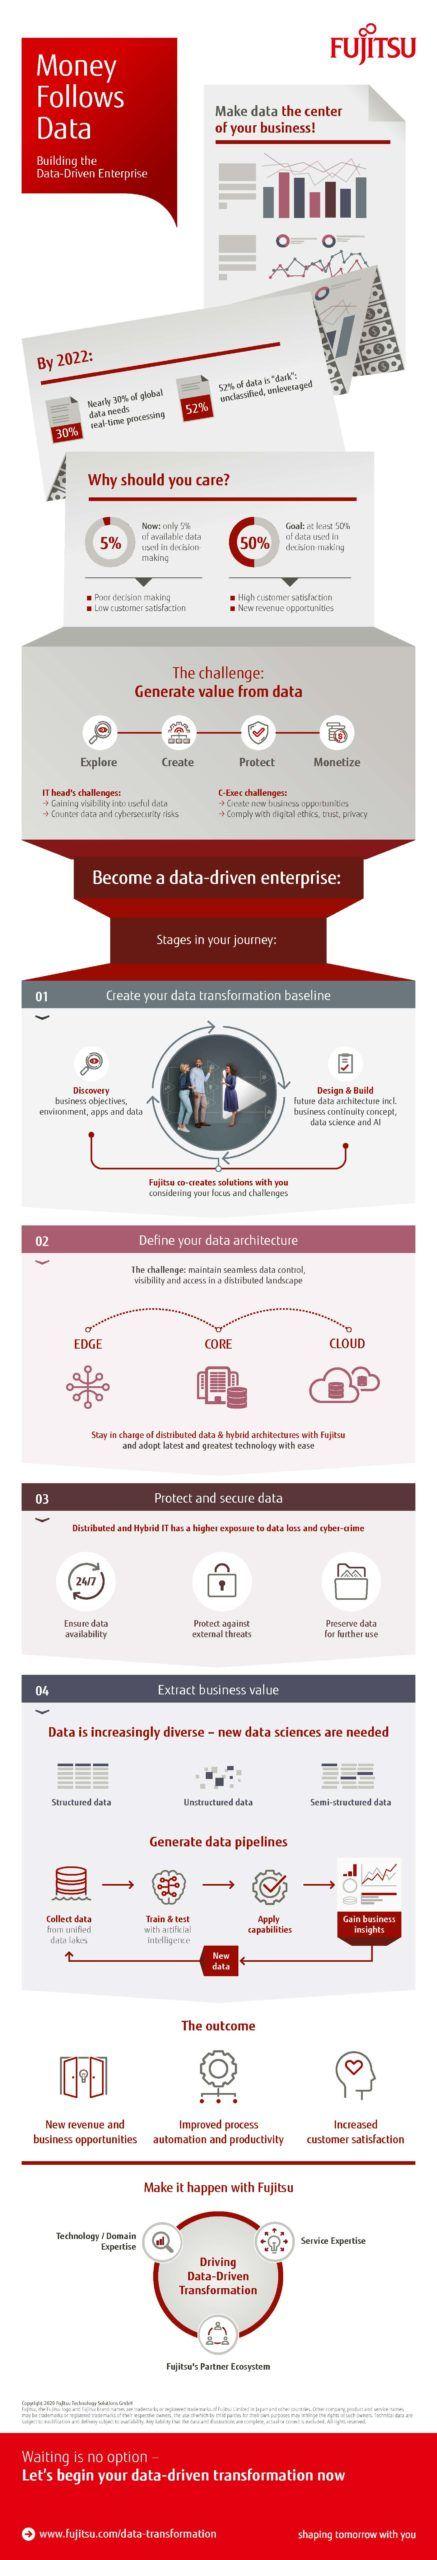 Wie Sie Ihr Unternehmen Data-Driven machen